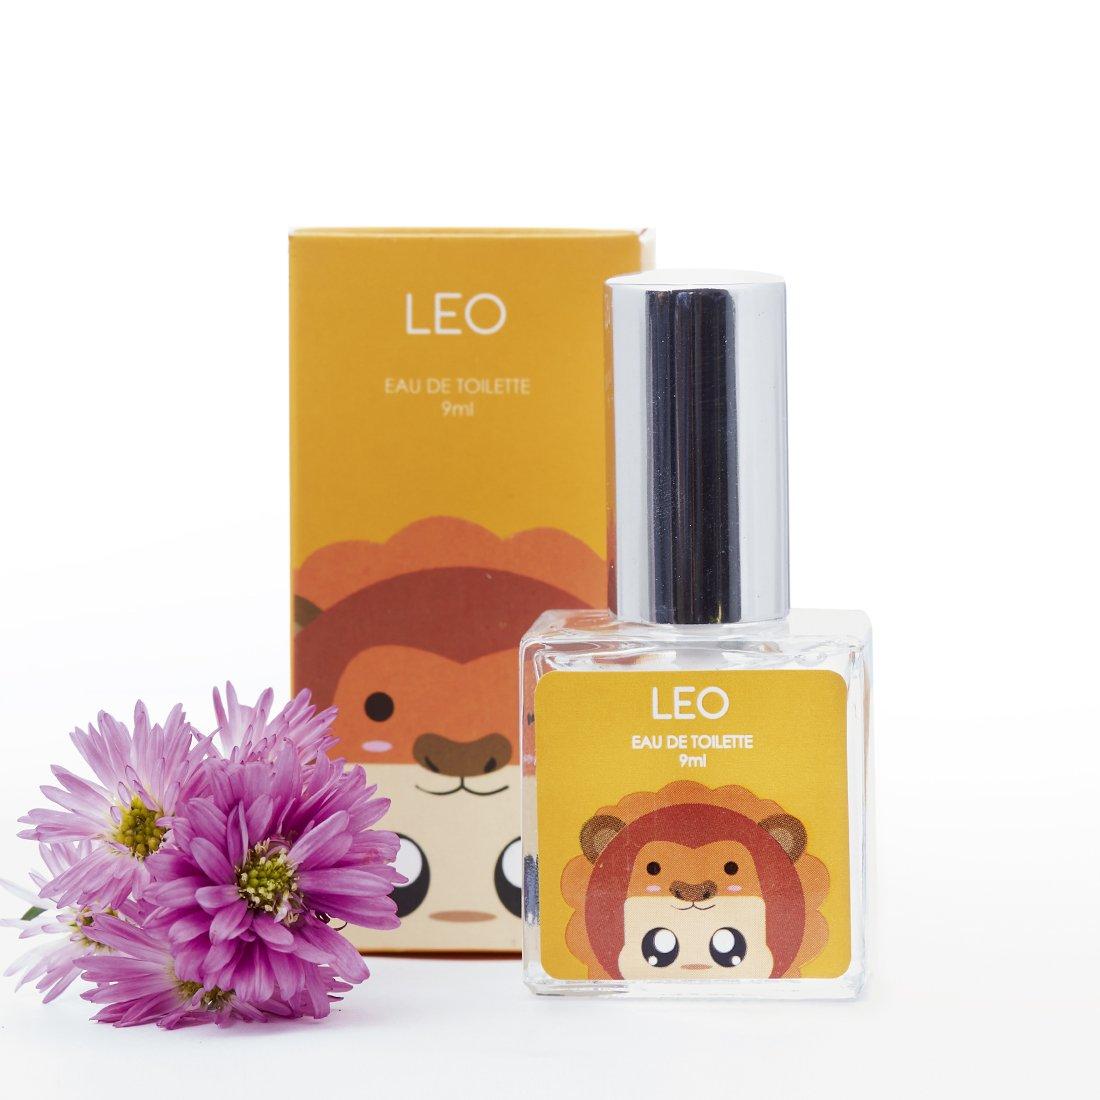 Ini-Dia-Rekomendasi-Parfum-Sesuai-Zodiak-Dari-Brunbrun-leo